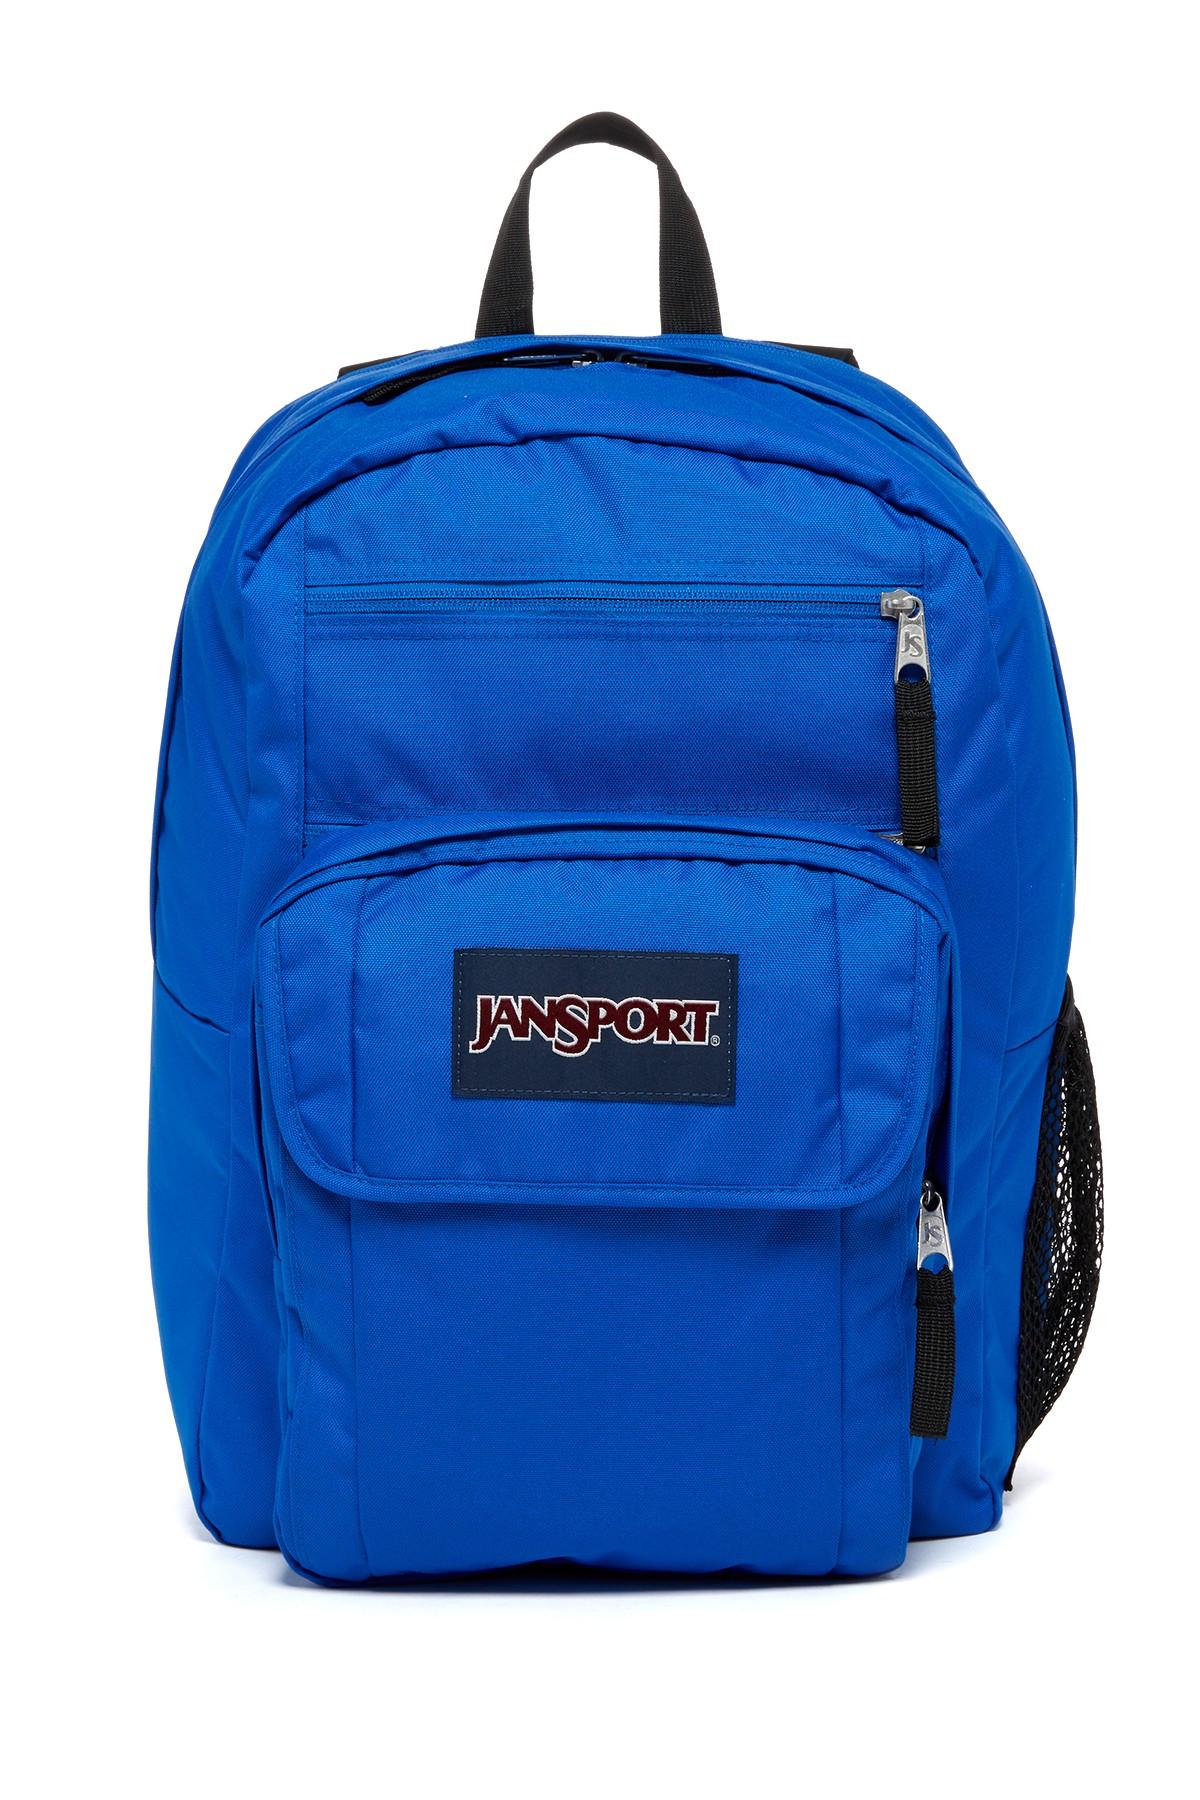 Jansport Digital Student Backpack In Blue Lyst